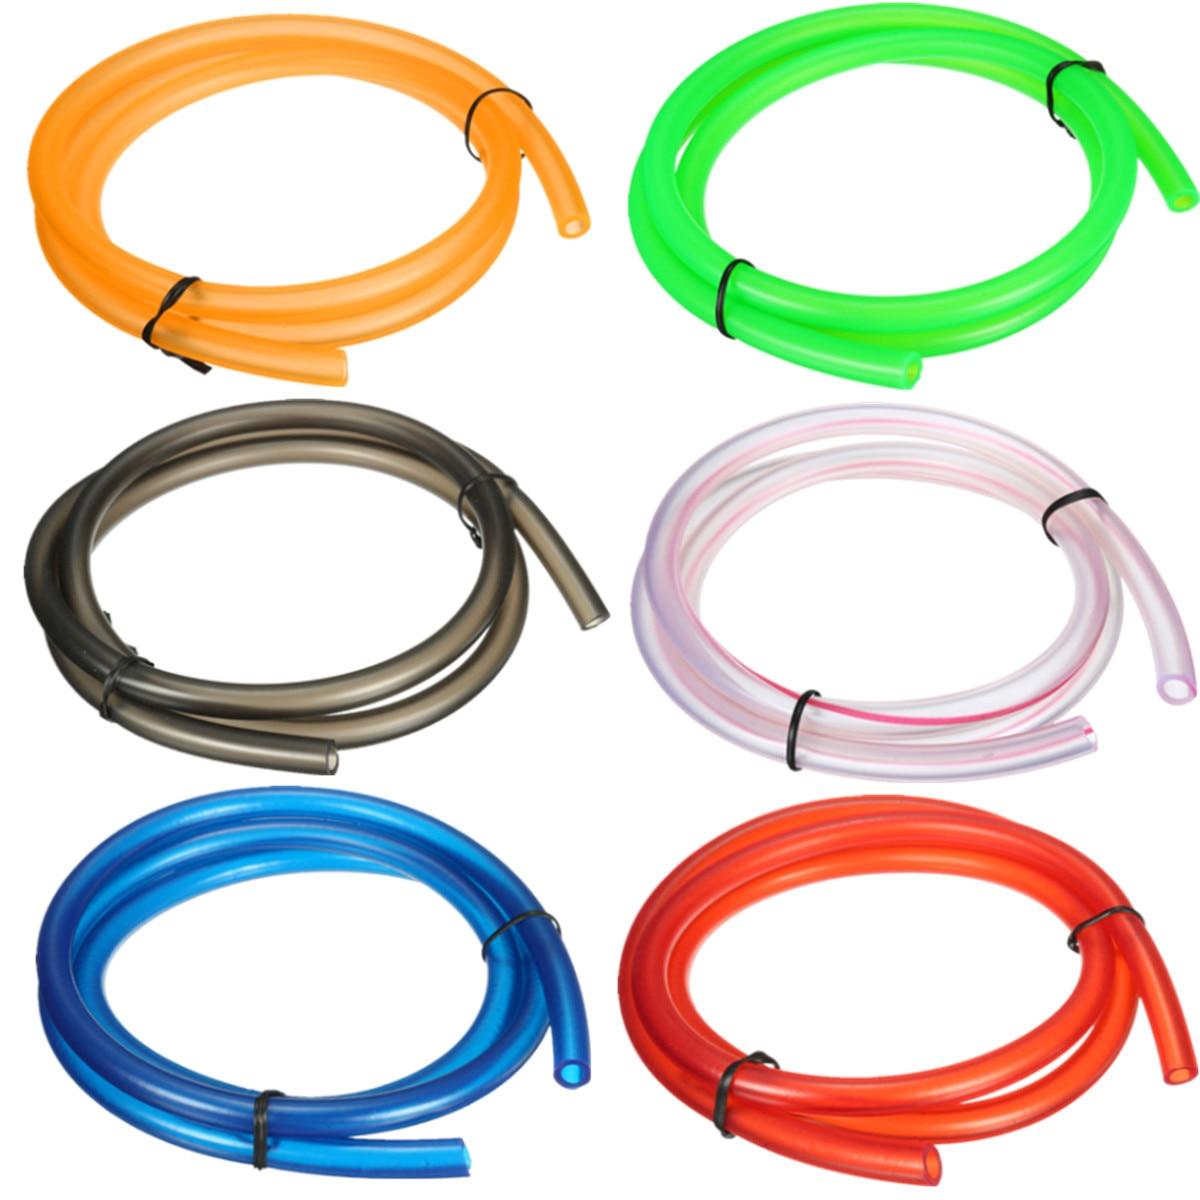 1 м нейлоновый мотоциклетный шланг для бензинового топлива, шланг для газового масла, труба для мини-мотоцикла, грязезащитный велосипед, зеленый, красный, черный, оранжевый, розовый, синий